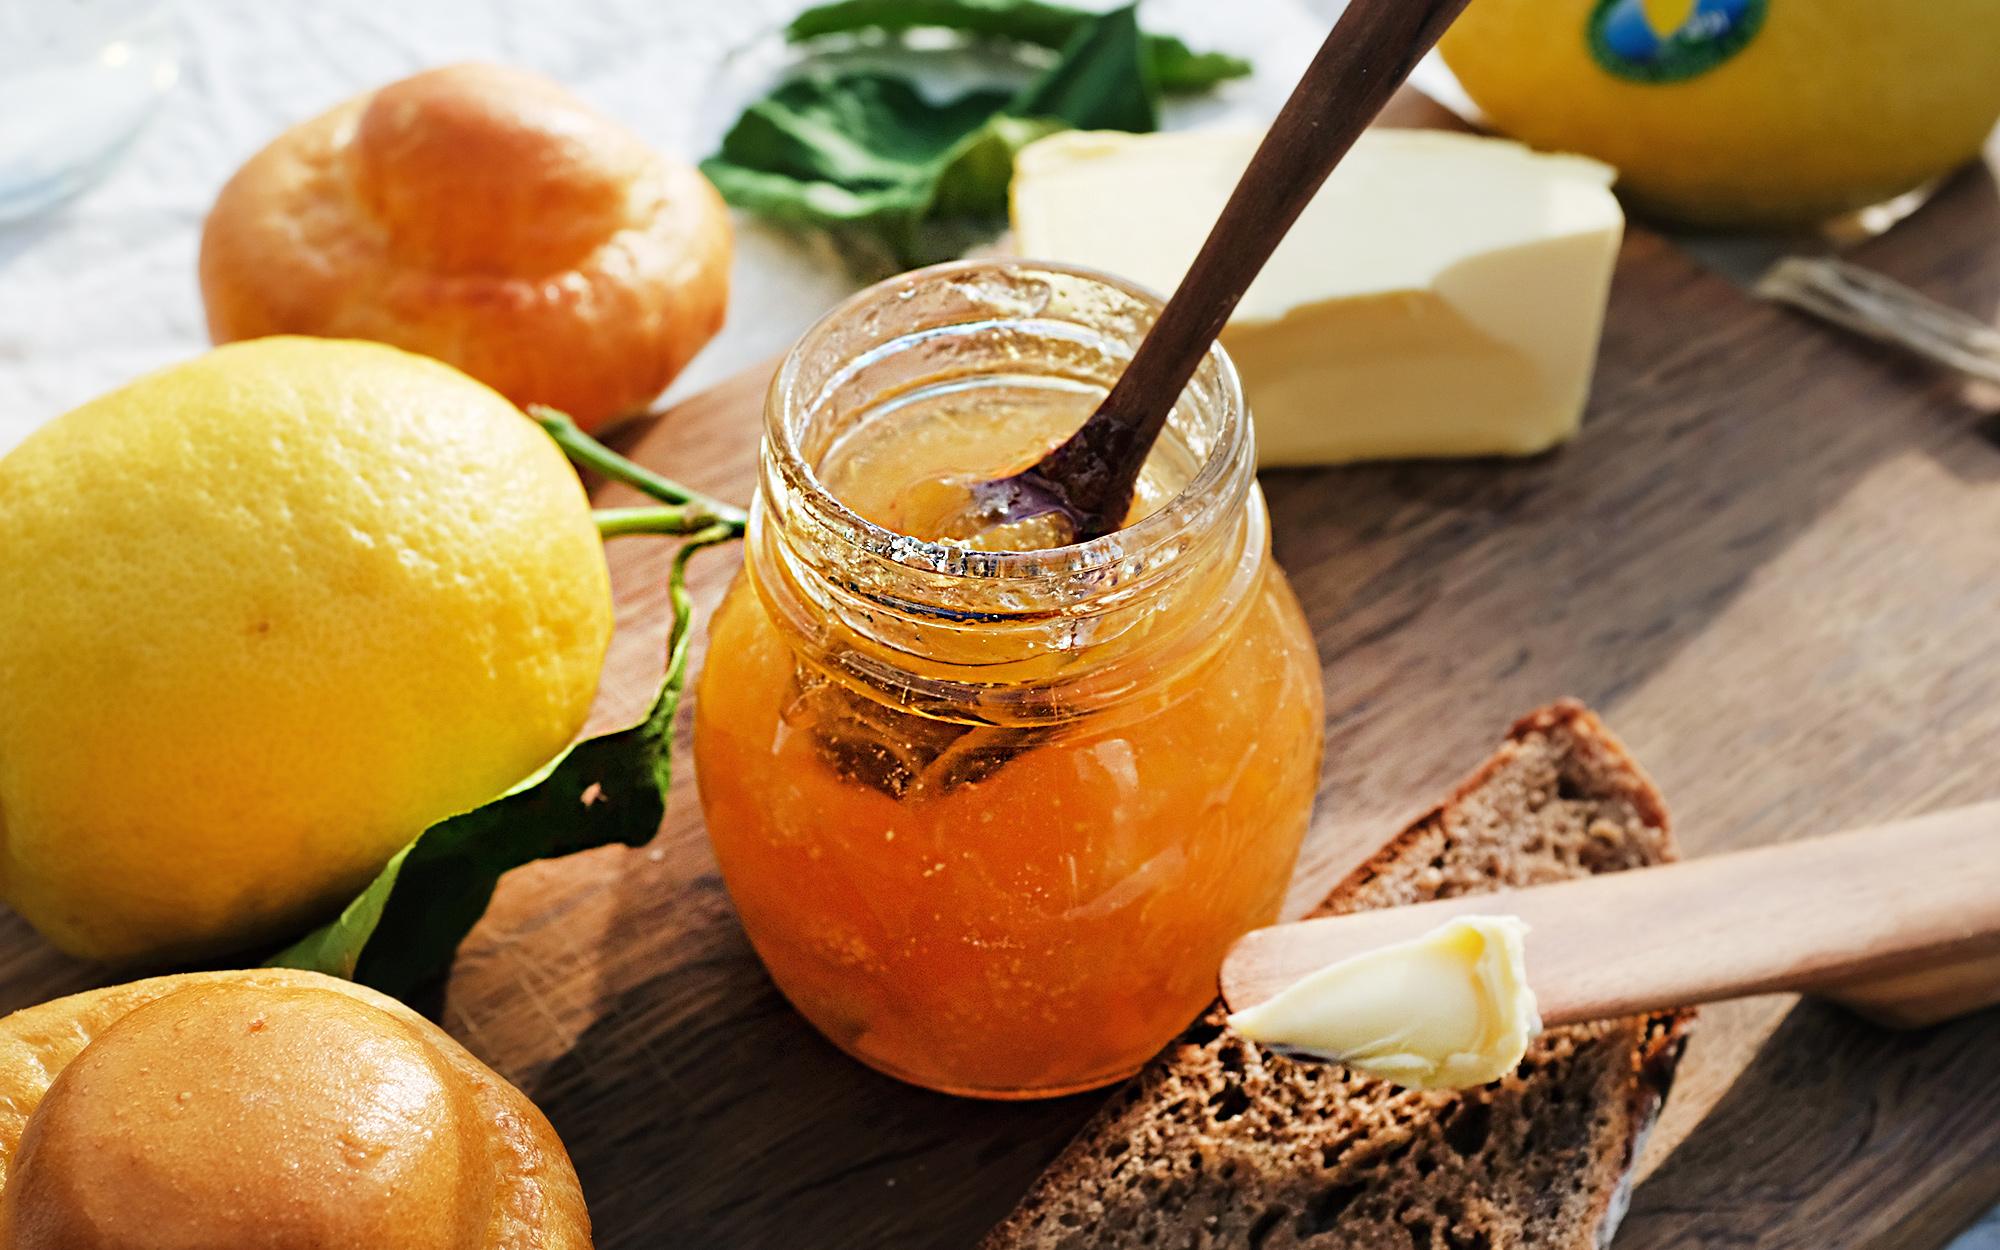 Drei in einen Topf – Zitronenmarmelade aus Amalfi- und Zedratzitronen mit Bergamotte